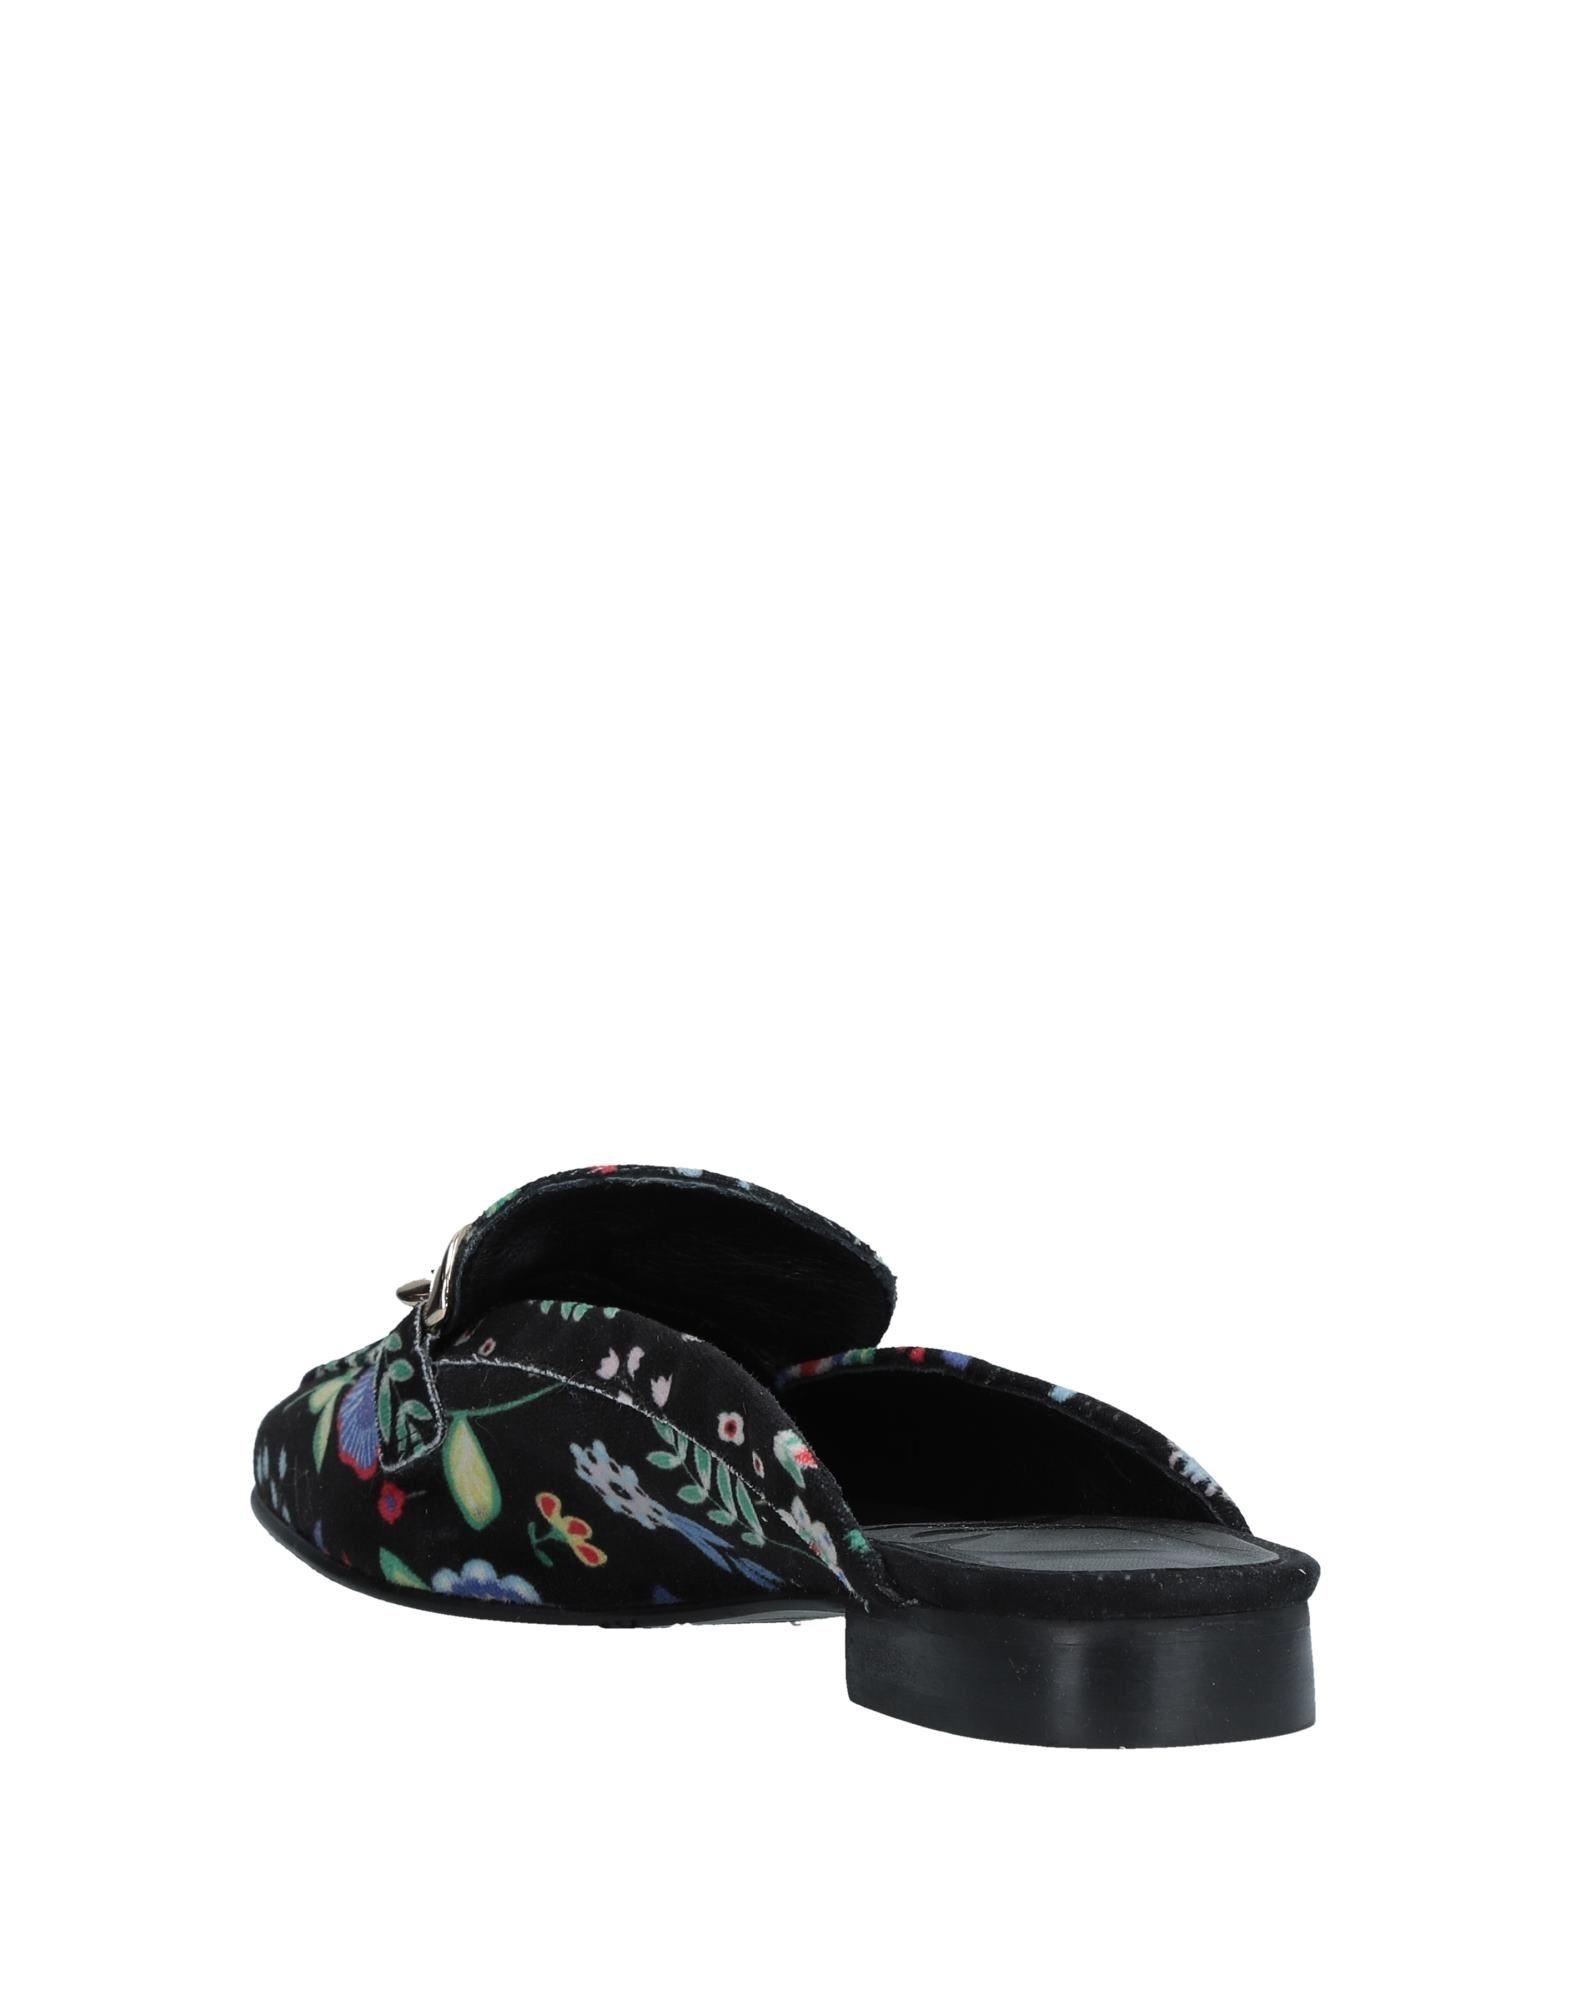 Cuplé Gute Mokassins Damen  11541295ON Gute Cuplé Qualität beliebte Schuhe 3a1686